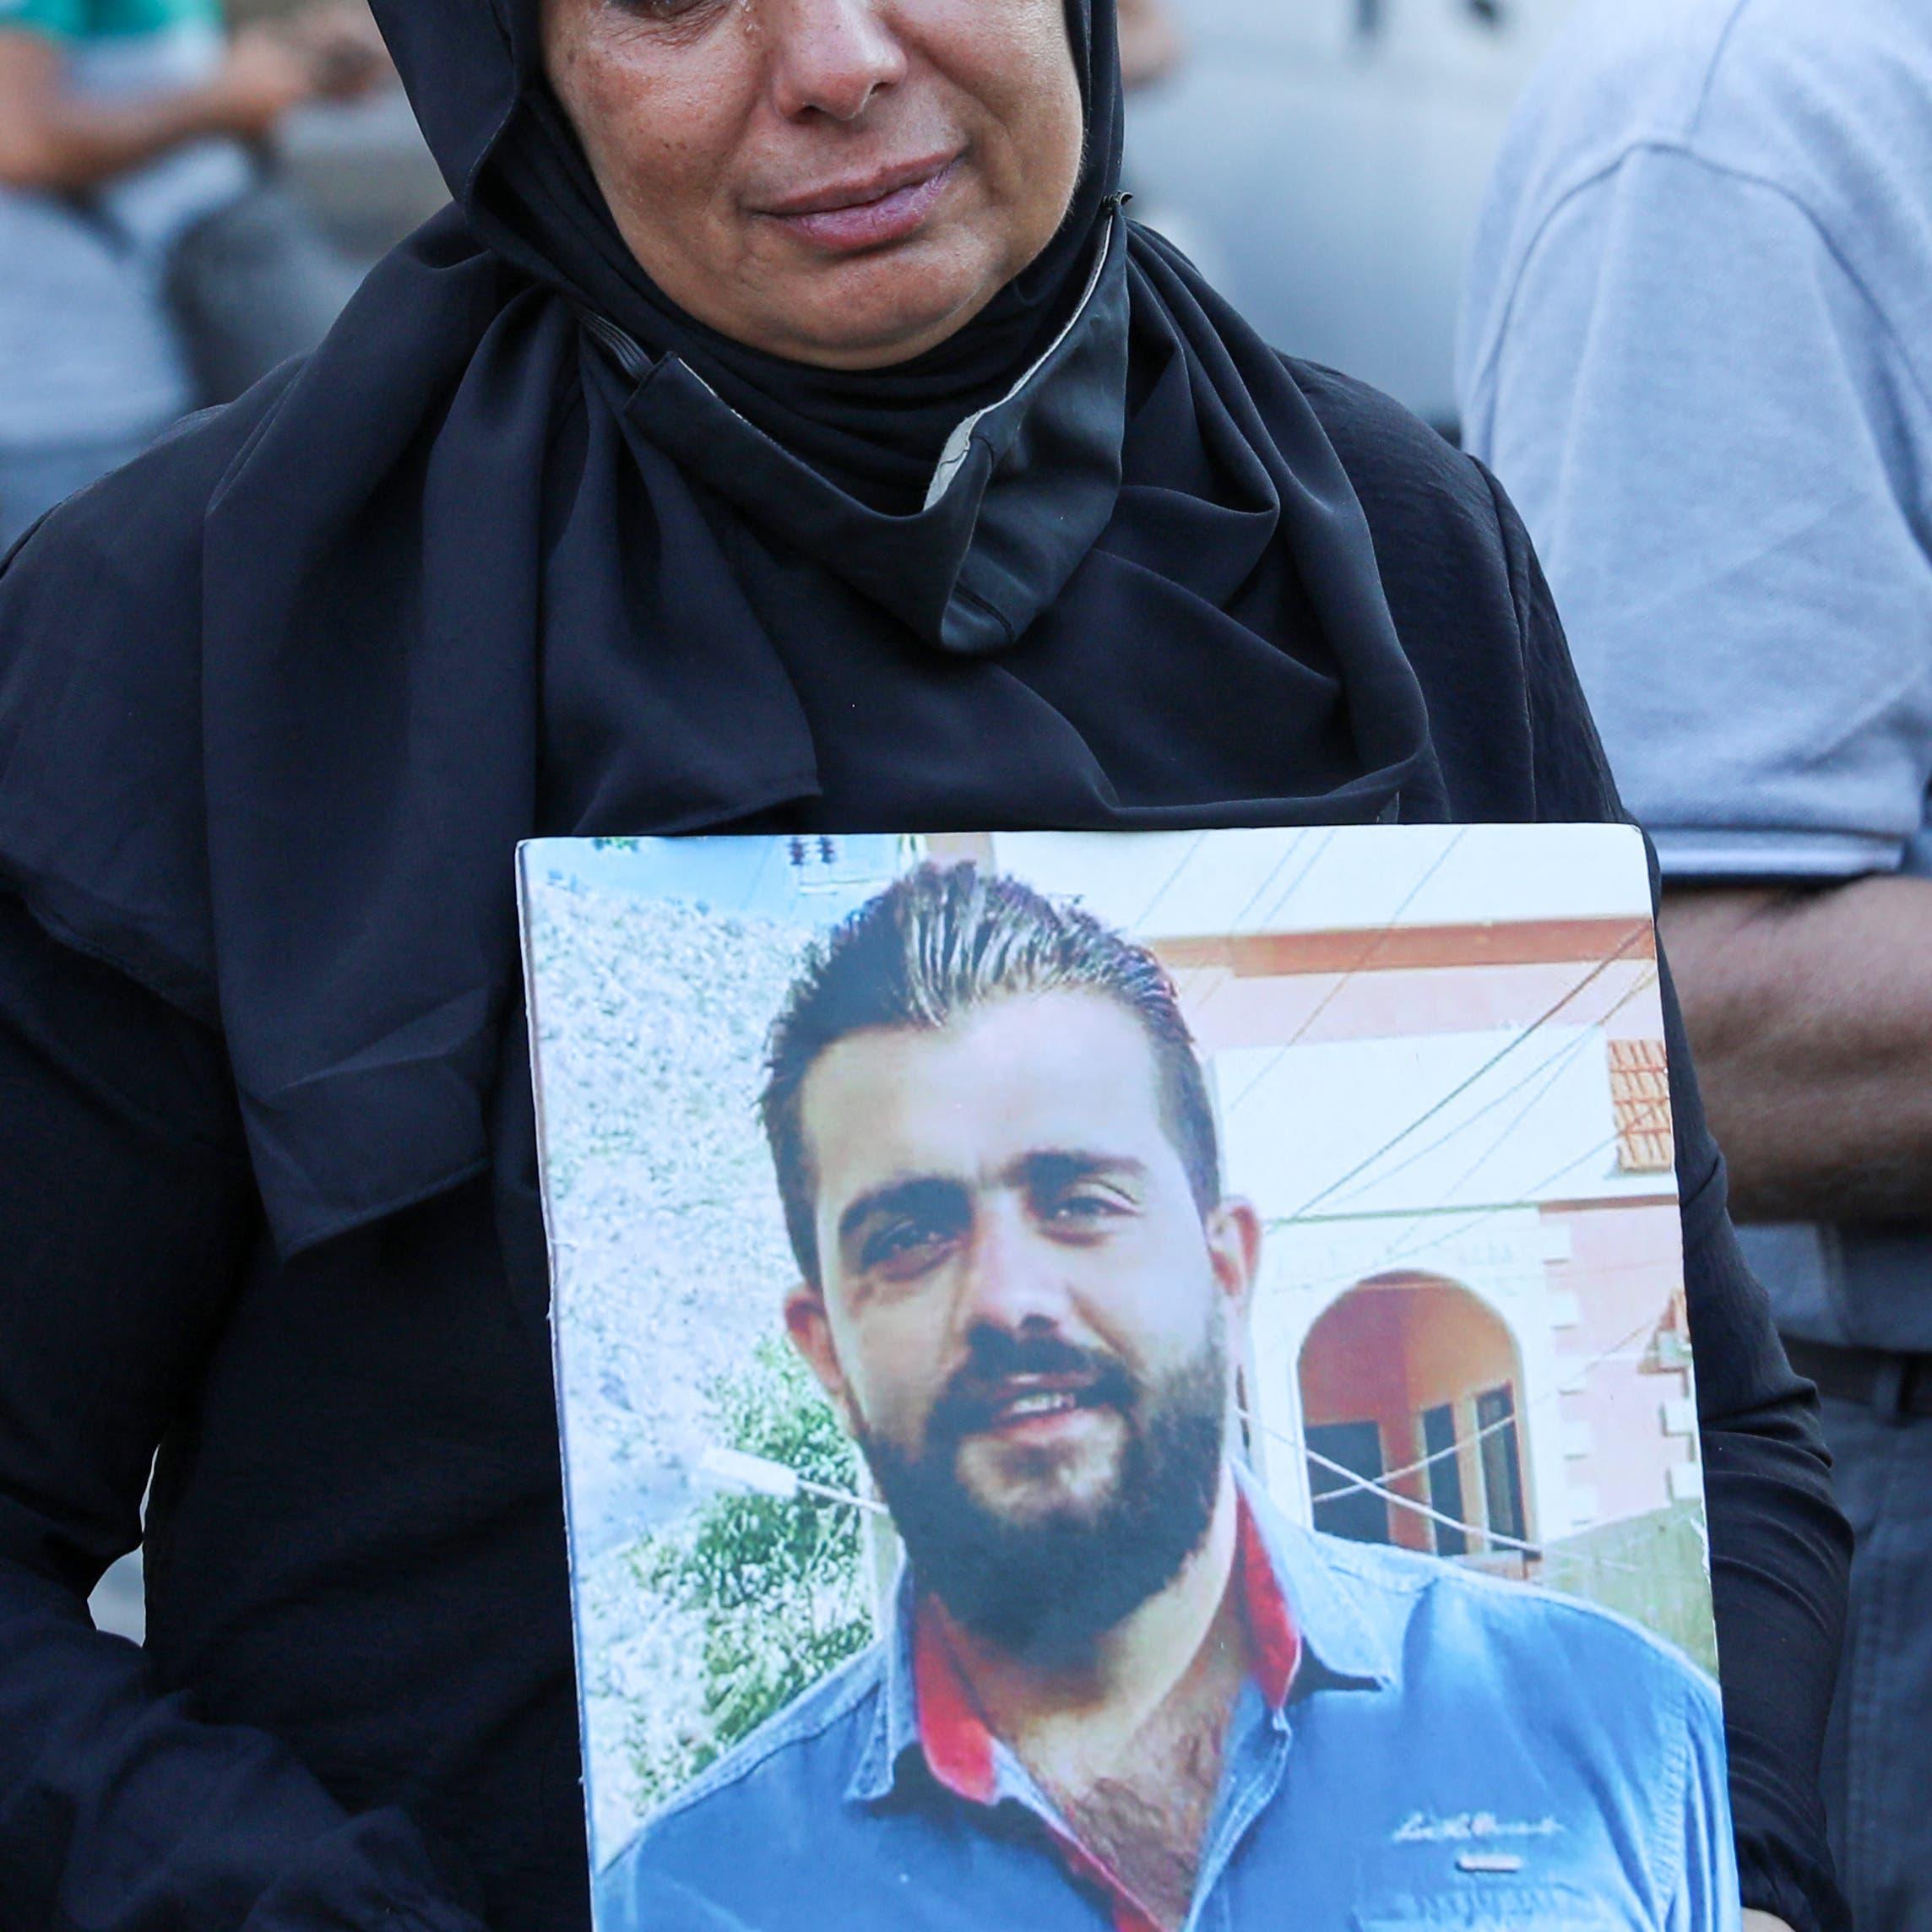 في ملف انفجار بيروت.. برلمان لبنان يخرق سرية التحقيق